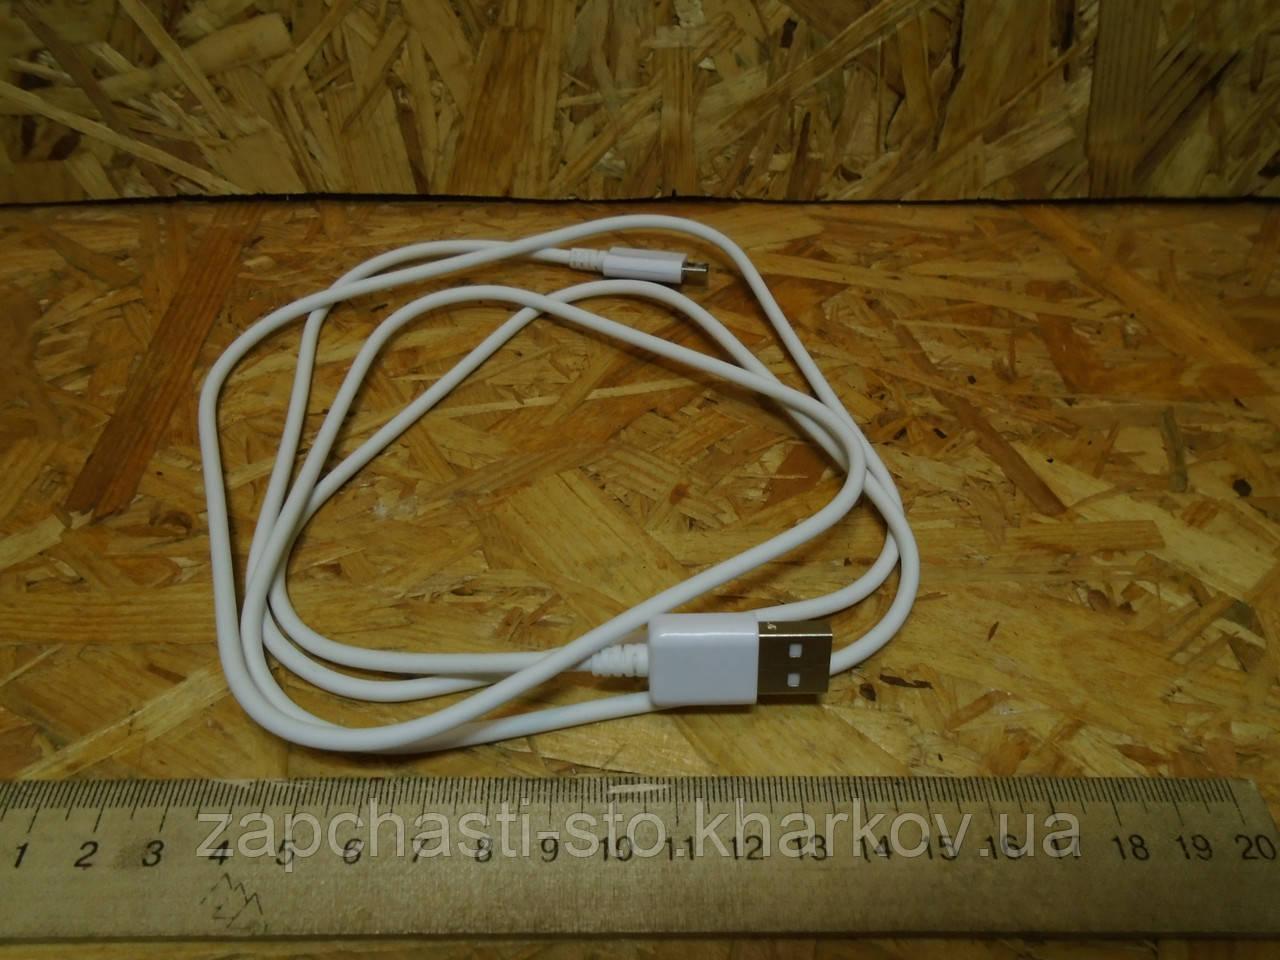 Провод зарядки телефона USB - MicroUSB (120см)